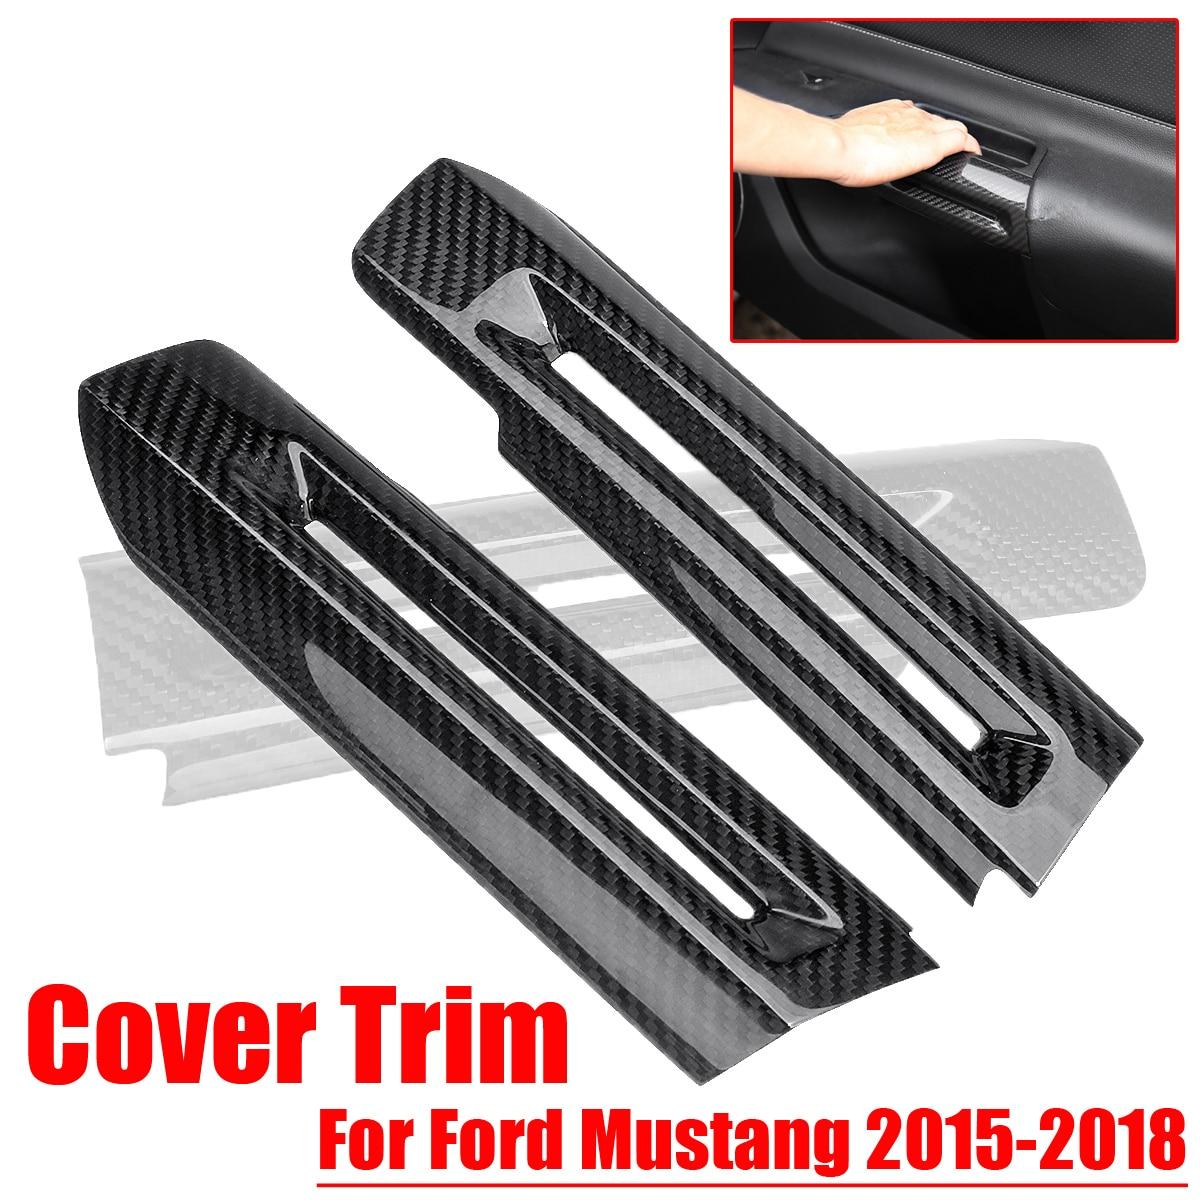 2 Stks Auto Interieur Deurklink Kom Cover Trim Rvs Carbon Fiber Stijl Auto Stickers Voor Ford Voor Mustang 2015 -2018 Ongelijke Prestaties